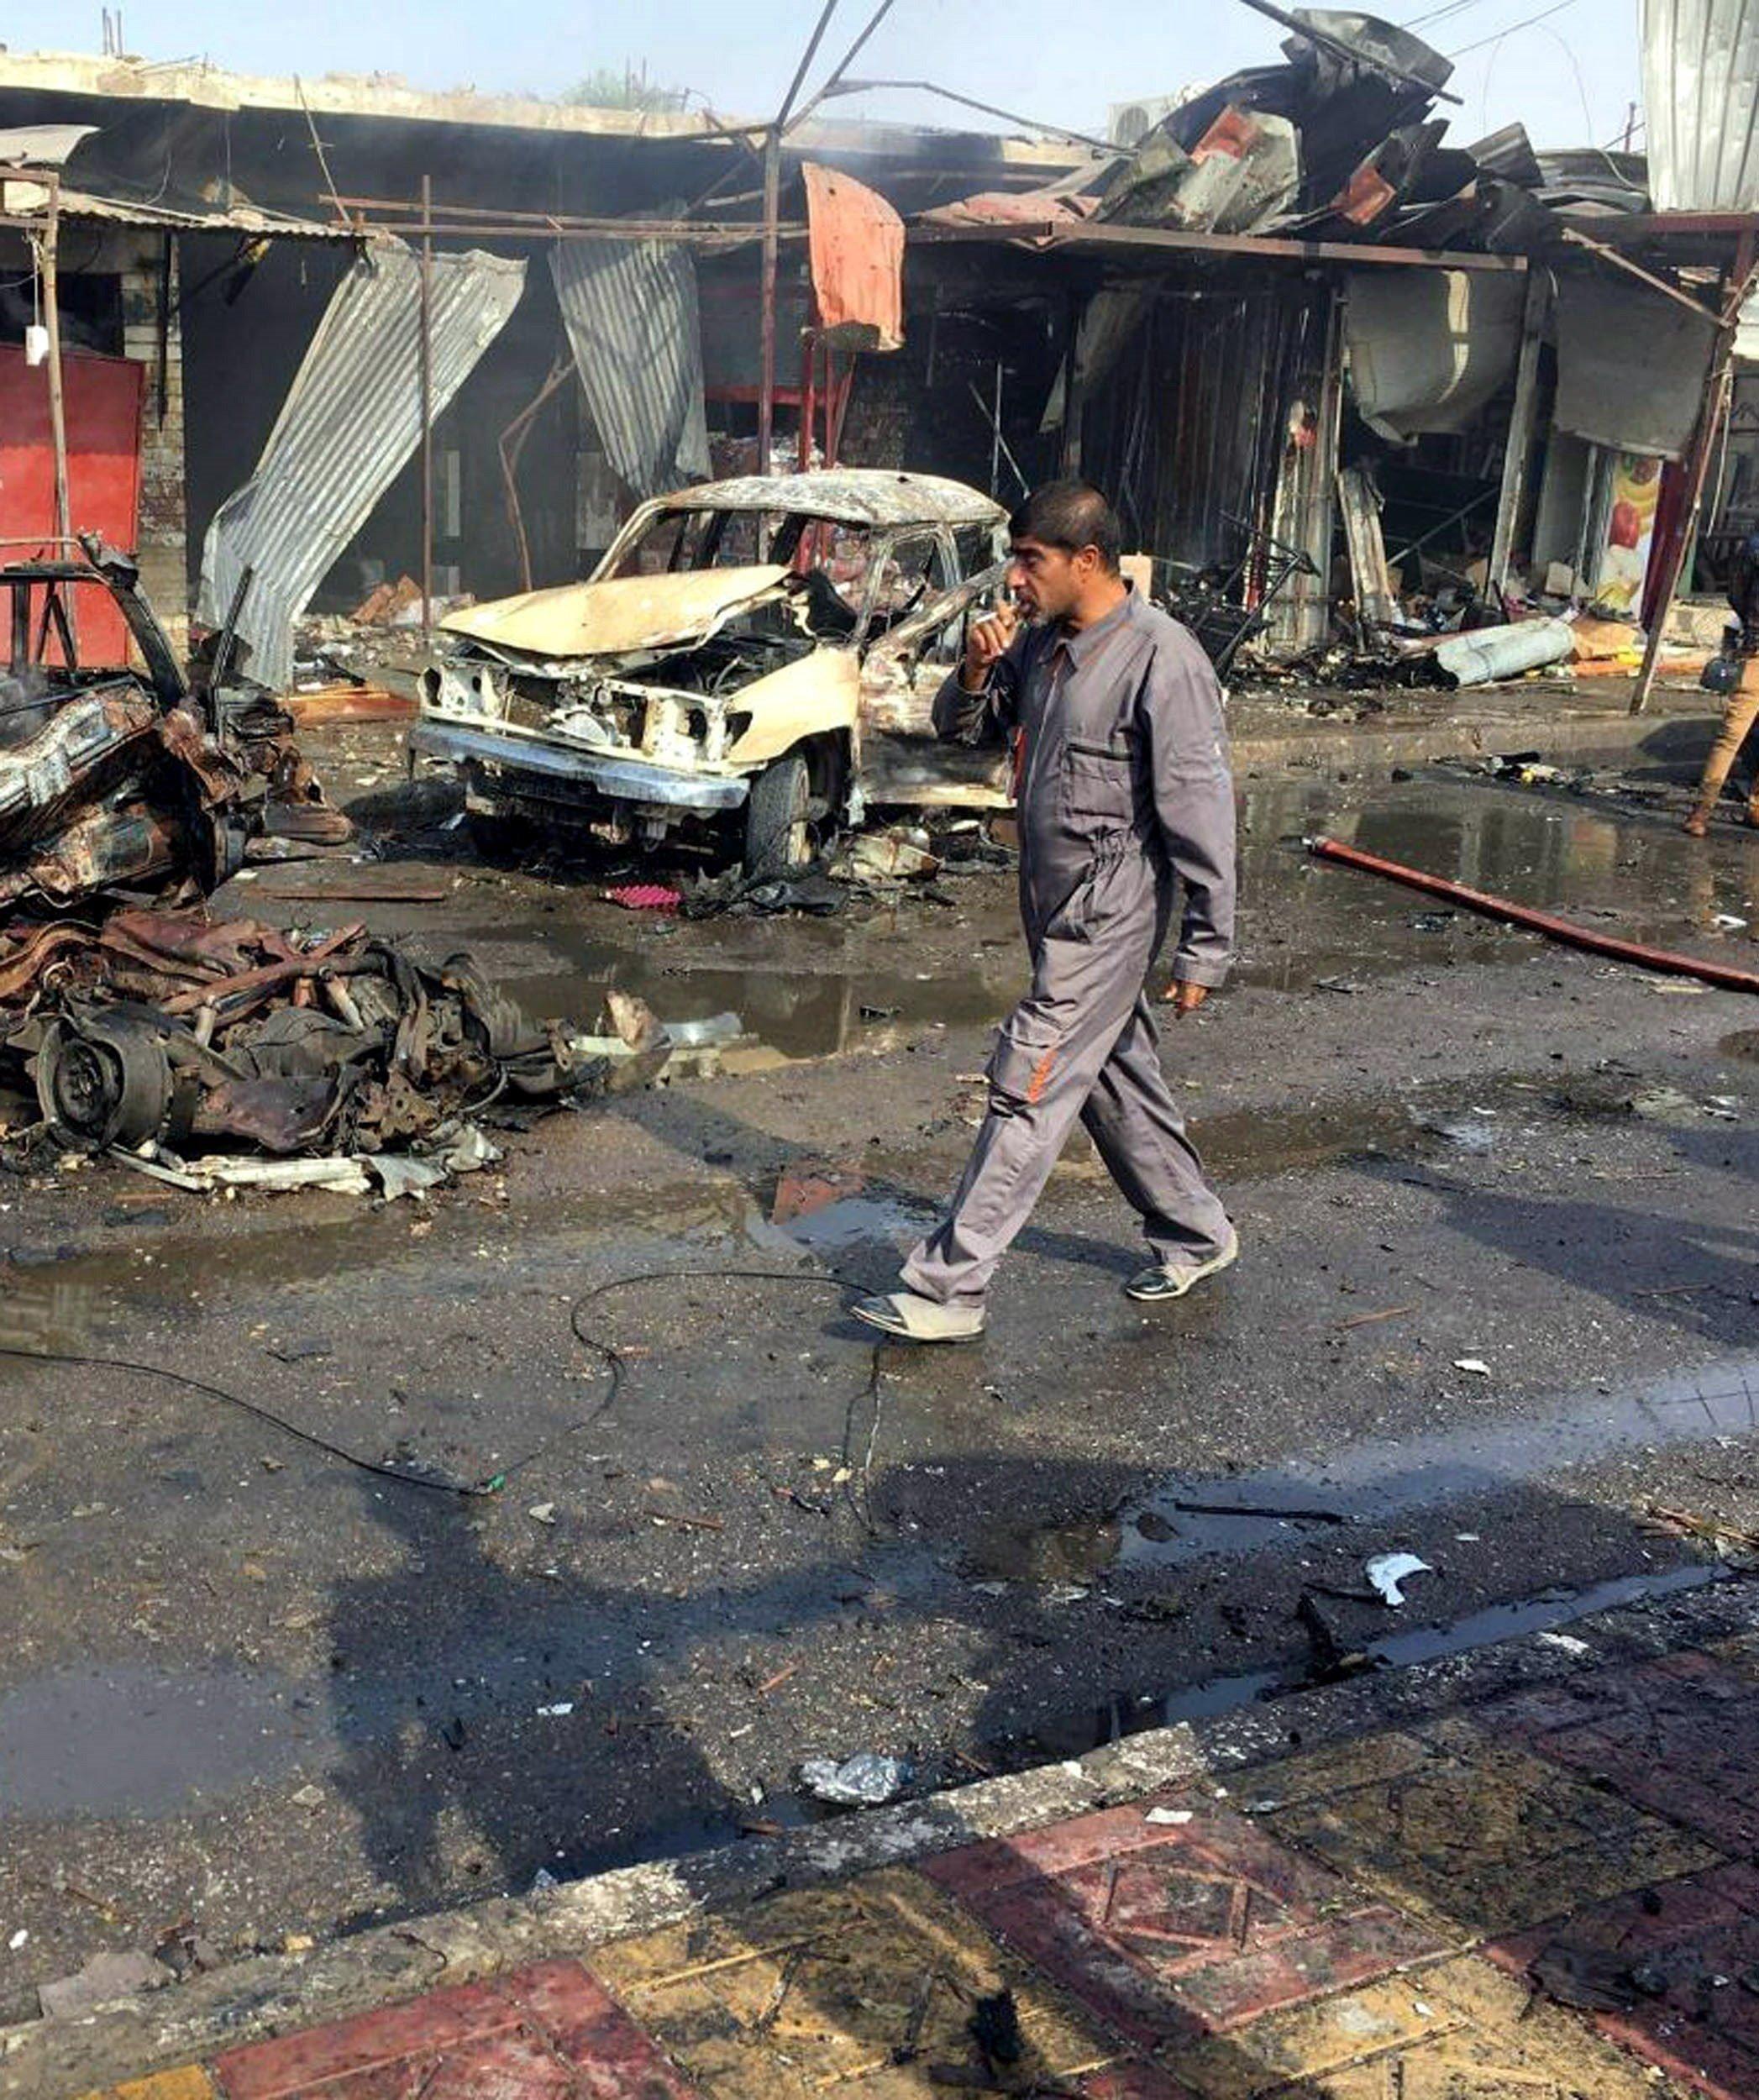 Ιράκ: Έξι νεκροί και σχεδόν 30 τραυματίες σε βομβιστική επίθεση νότια της